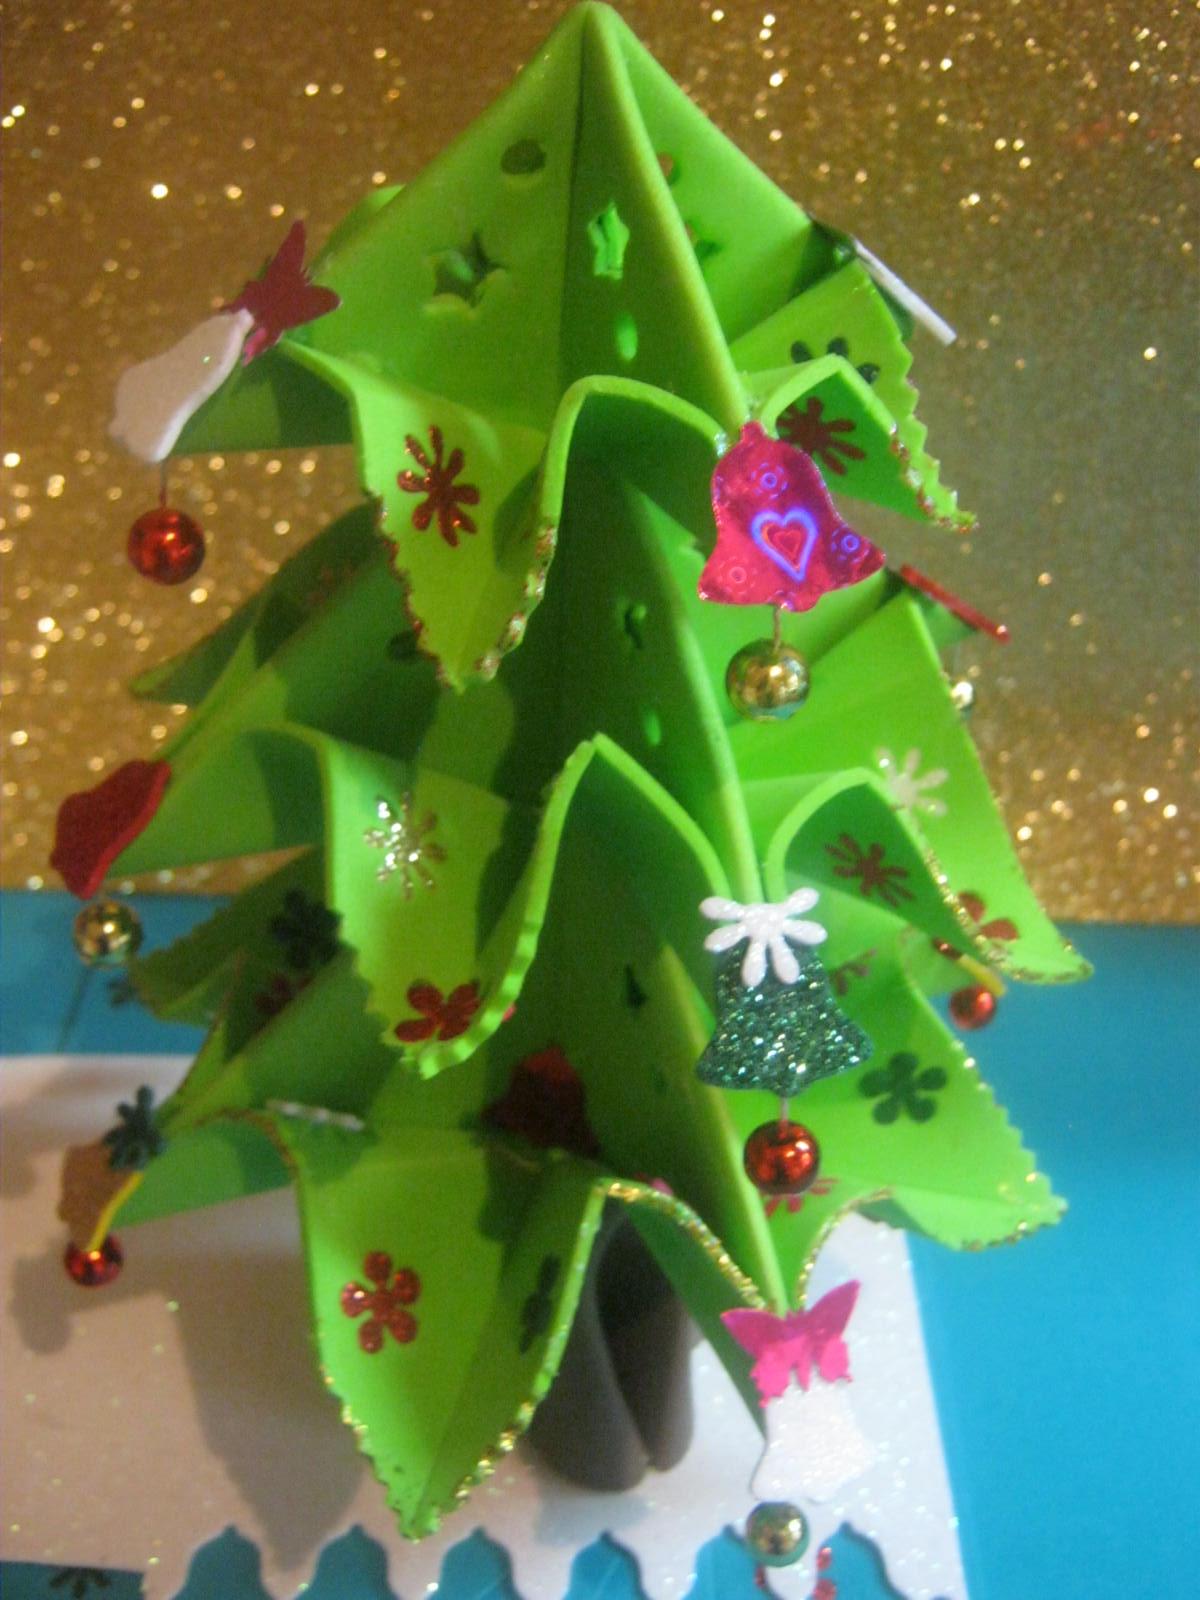 Zona purpura christmas tree arbolito de navidad arbol - Arbolito de navidad ...